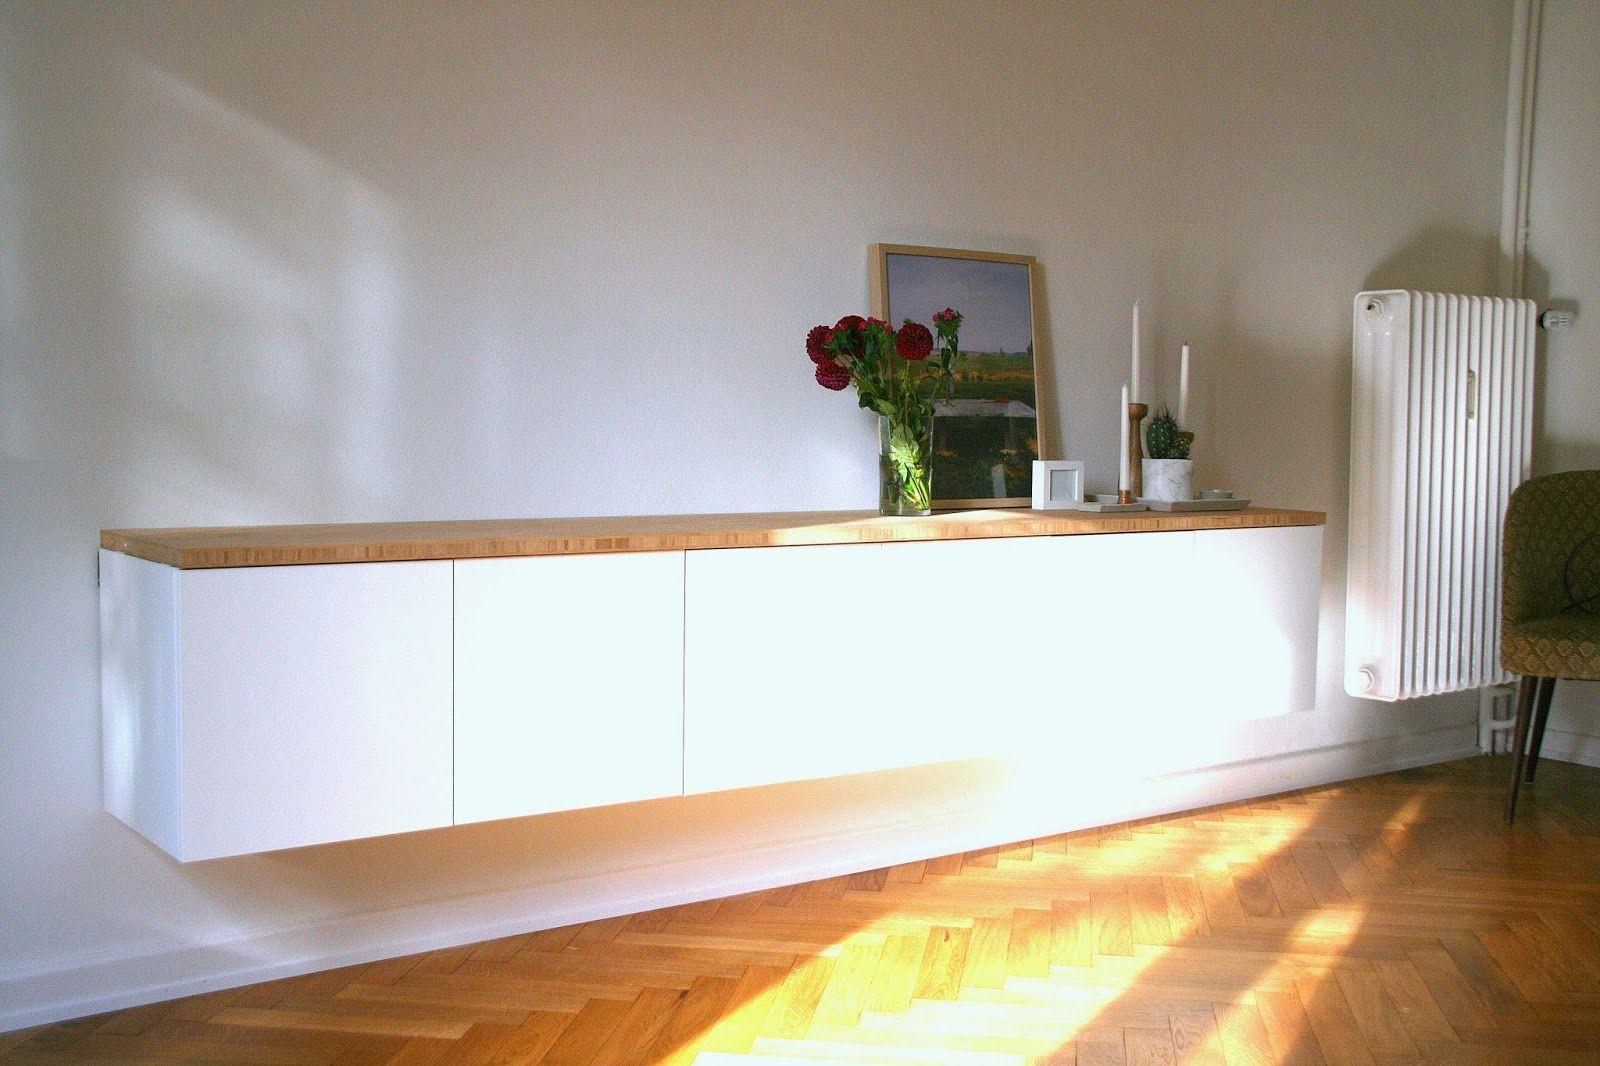 Lowboard hängend ikea  Geniale Idee aus Ikea-Möbeln | KECKE | Pinterest | Ikea möbel ...